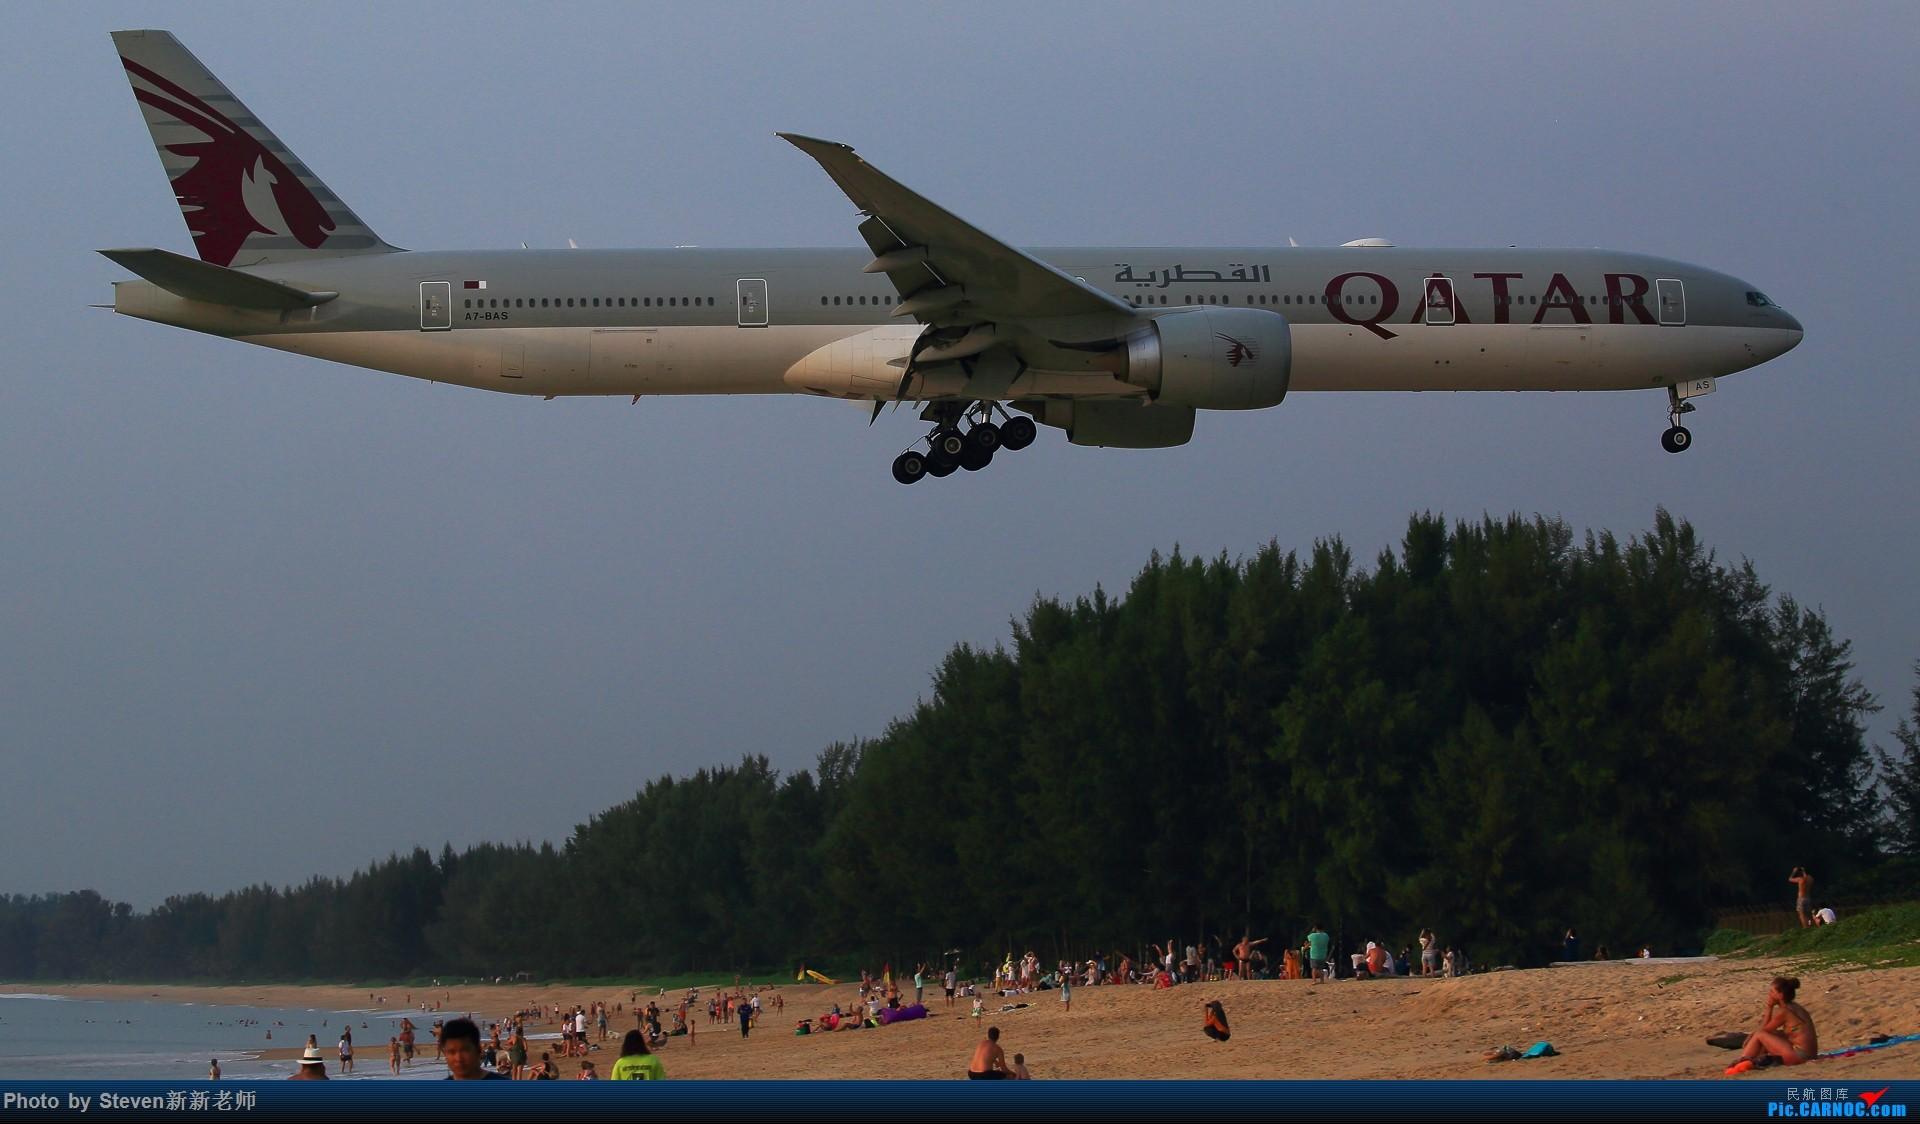 """Re:[原创]亚洲""""圣马丁岛""""—普吉国际机场拍机 BOEING 777-300ER A7-BAS 泰国普吉机场"""